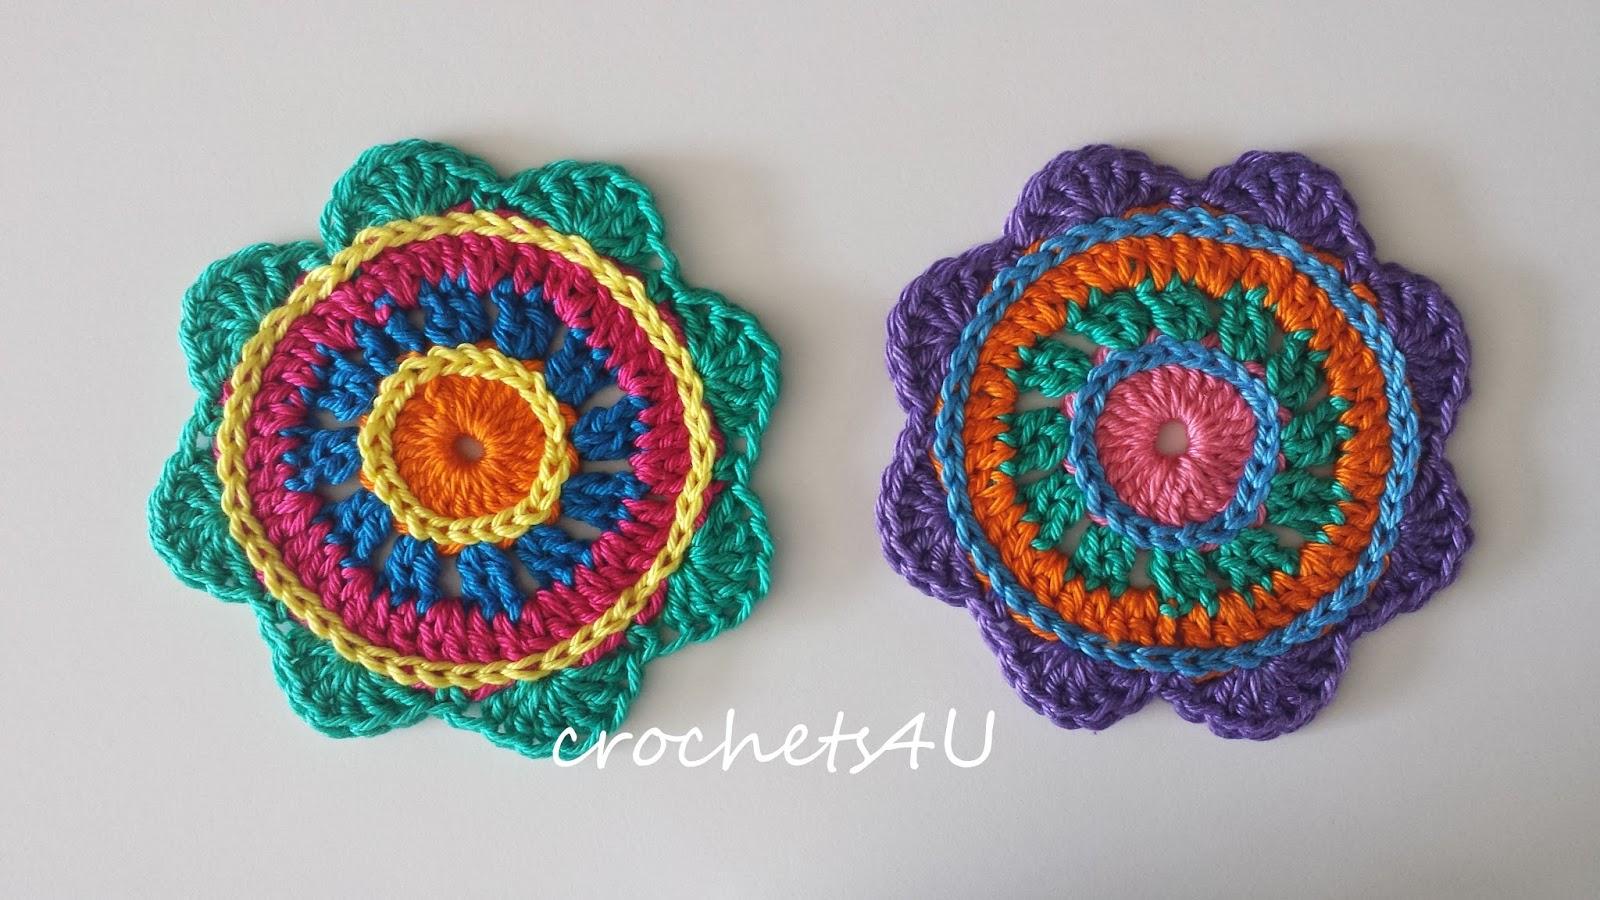 Gratis Haakpatroon Onderzetters Gratis Haakpatronen Crochets4u